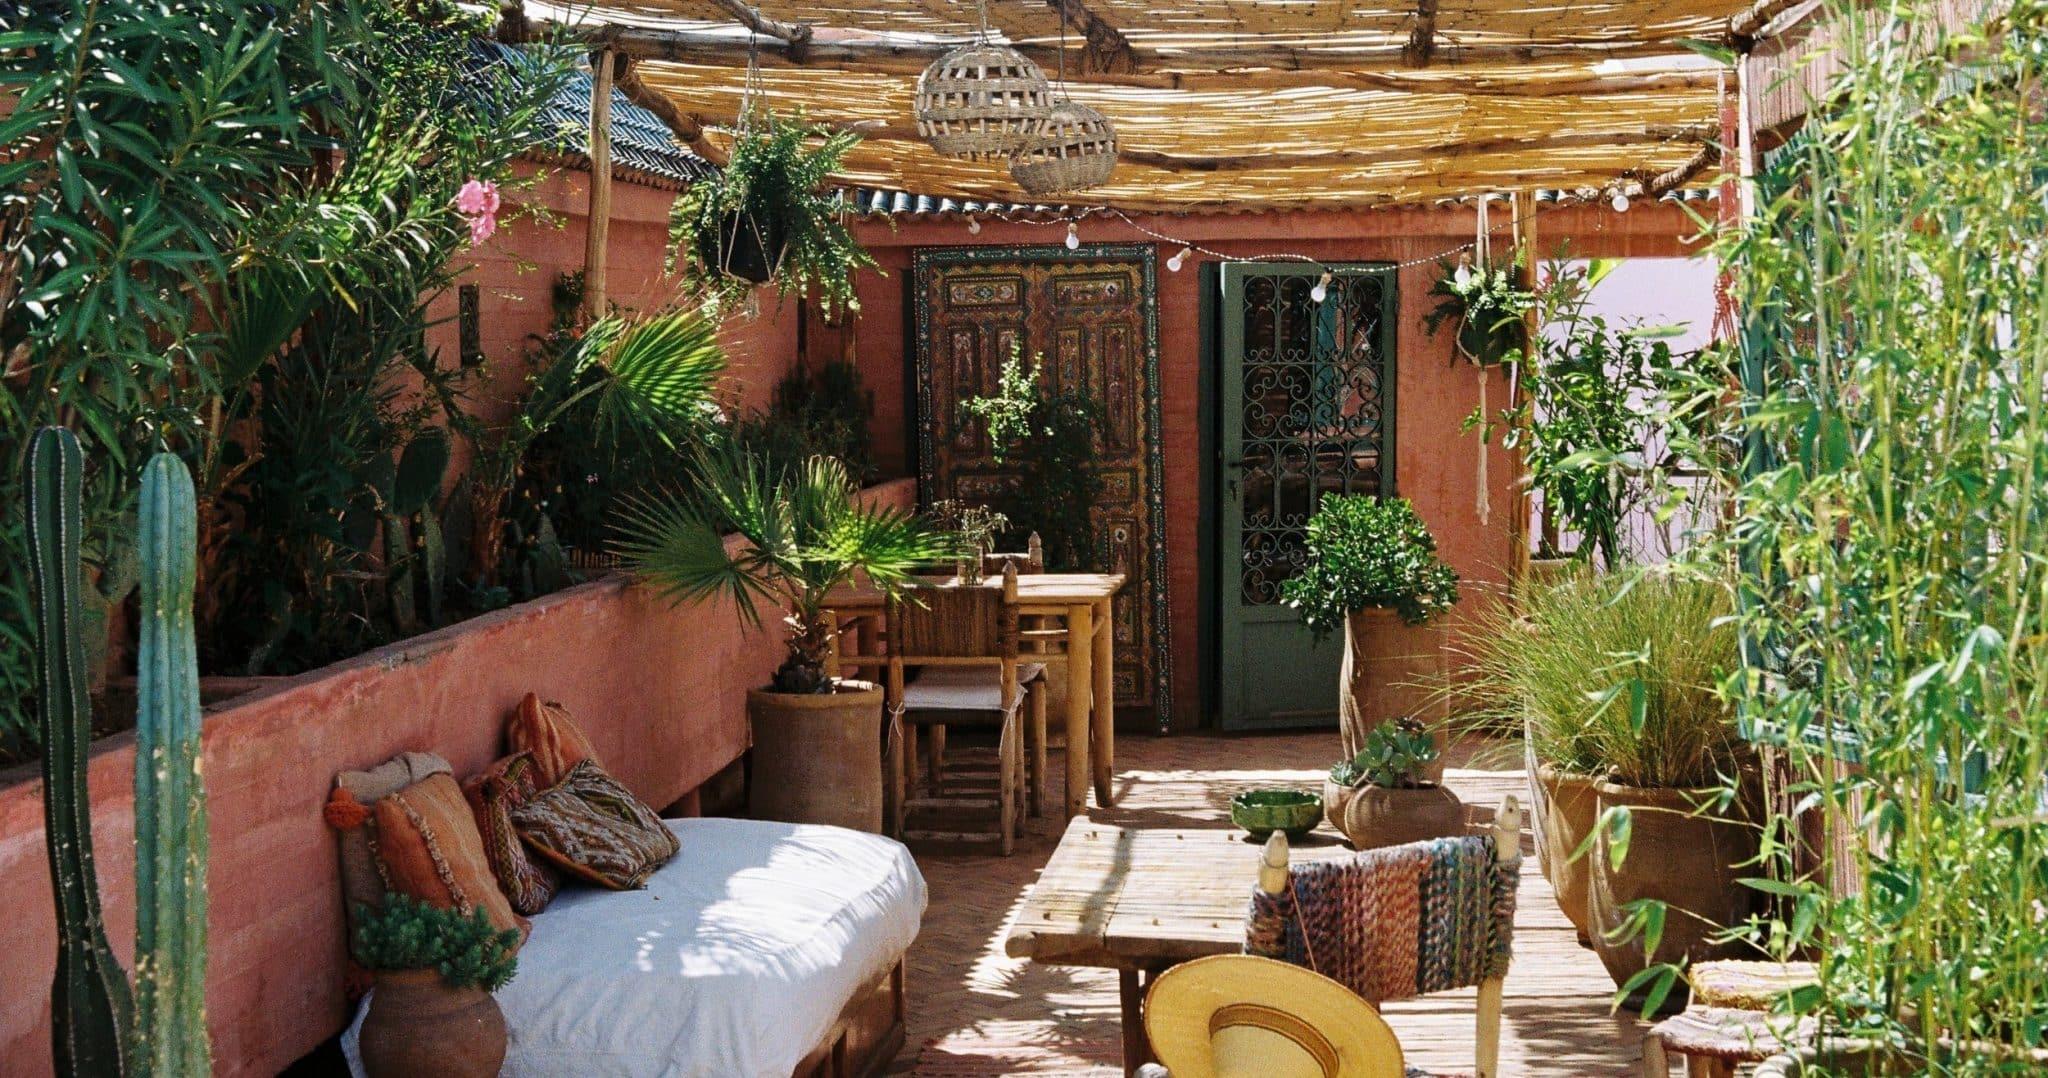 Most Instagrammable Restaurants In Africa